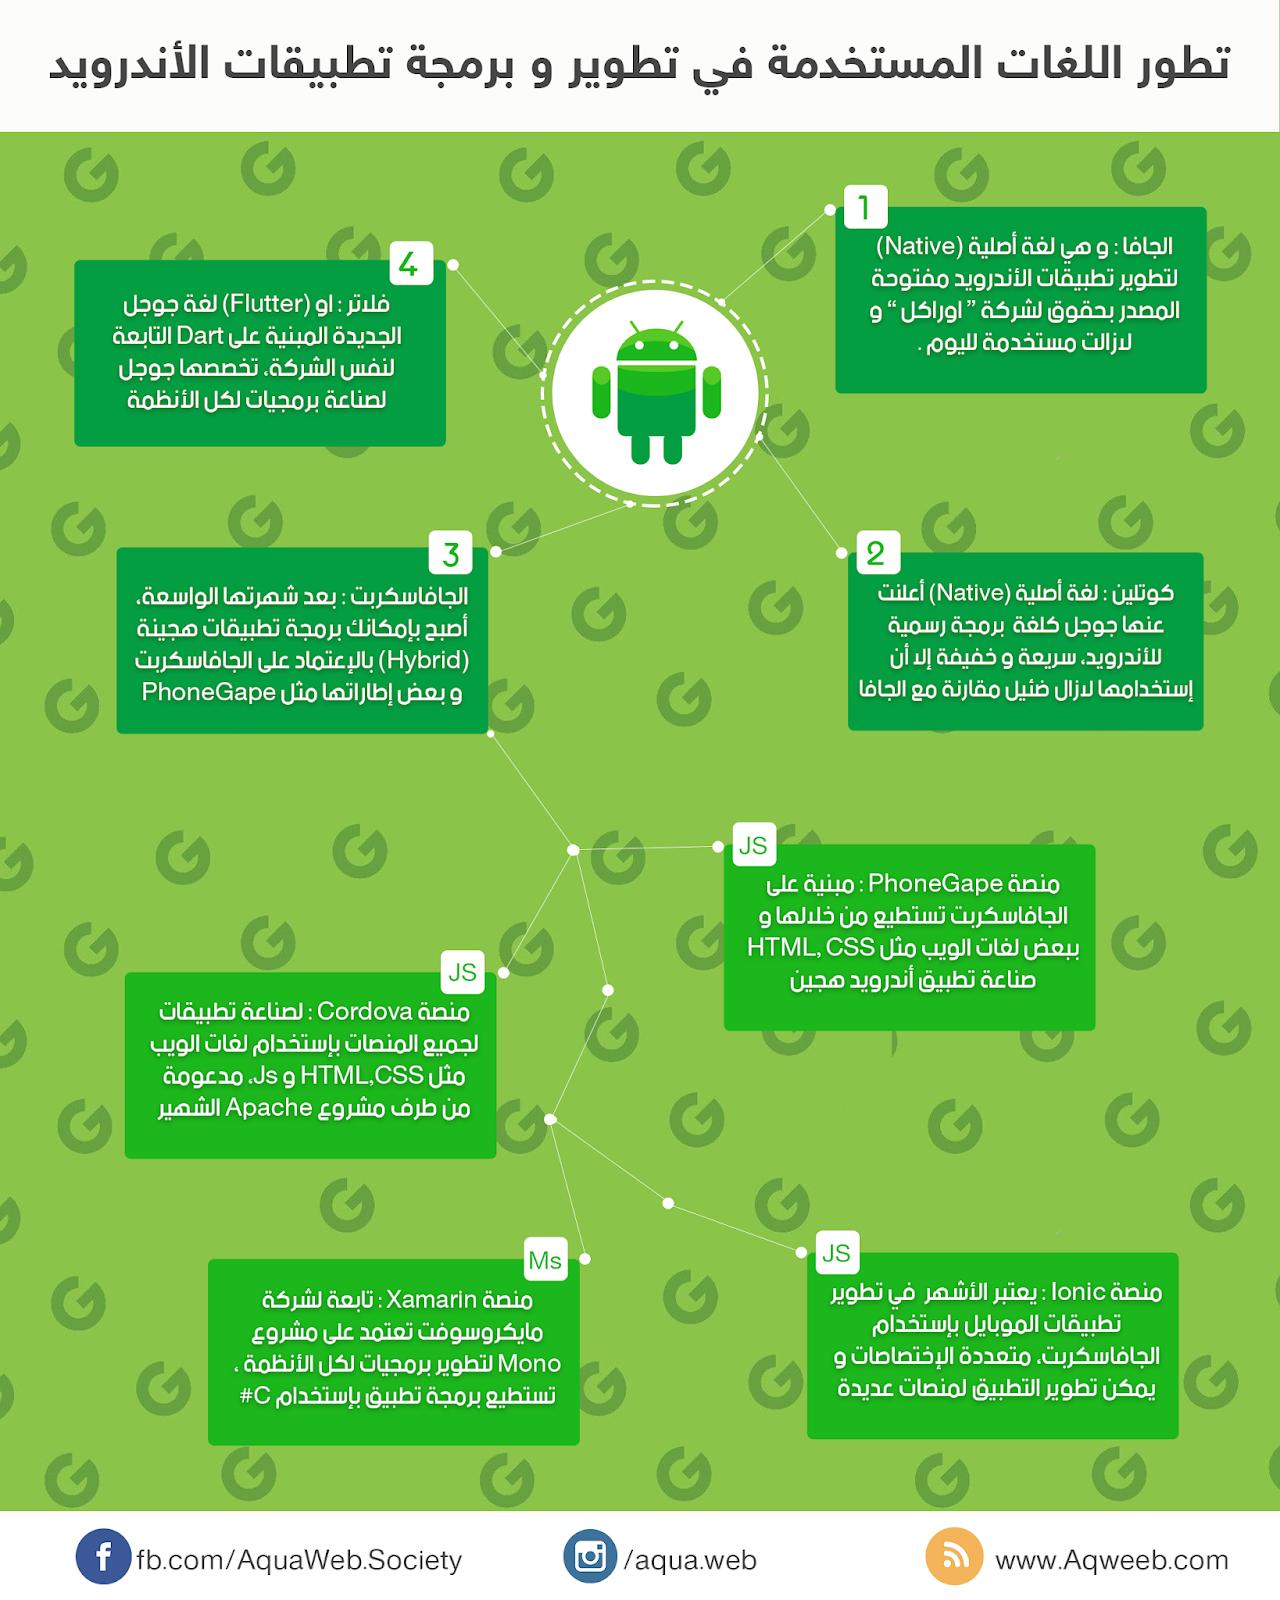 أنفوجرافيك : تطور اللغات البرمجية المستخدمة في تطوير و برمجة تطبيقات الأندرويد